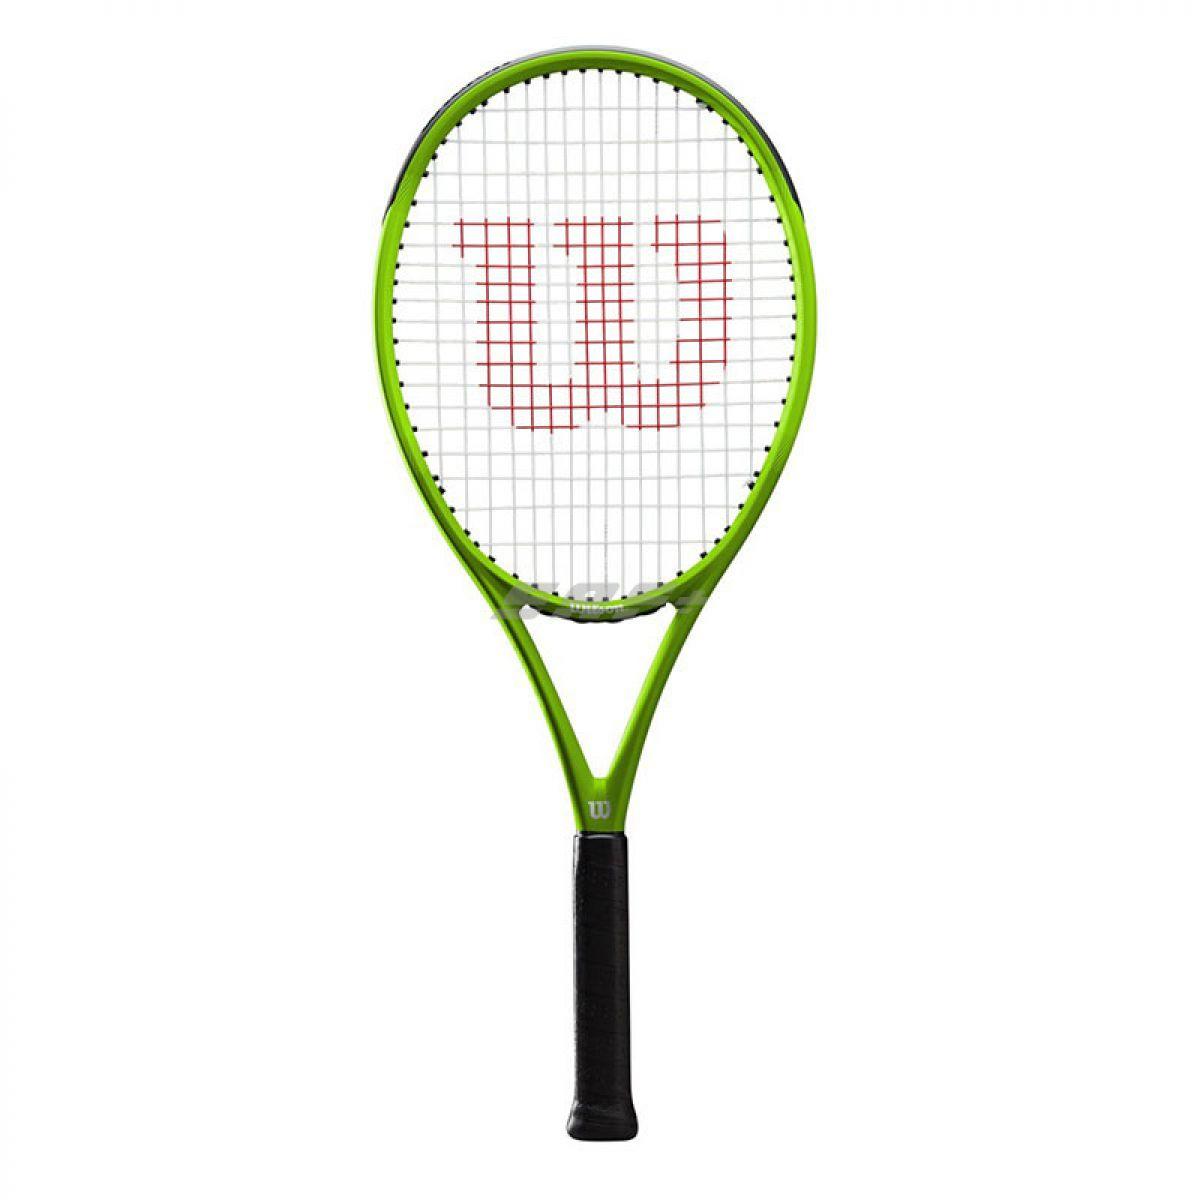 Ракетка теннисная Ракетка б/т Wilson Blade Feel Pro, артWR018810U3, для любителей, со струнами, зеленый